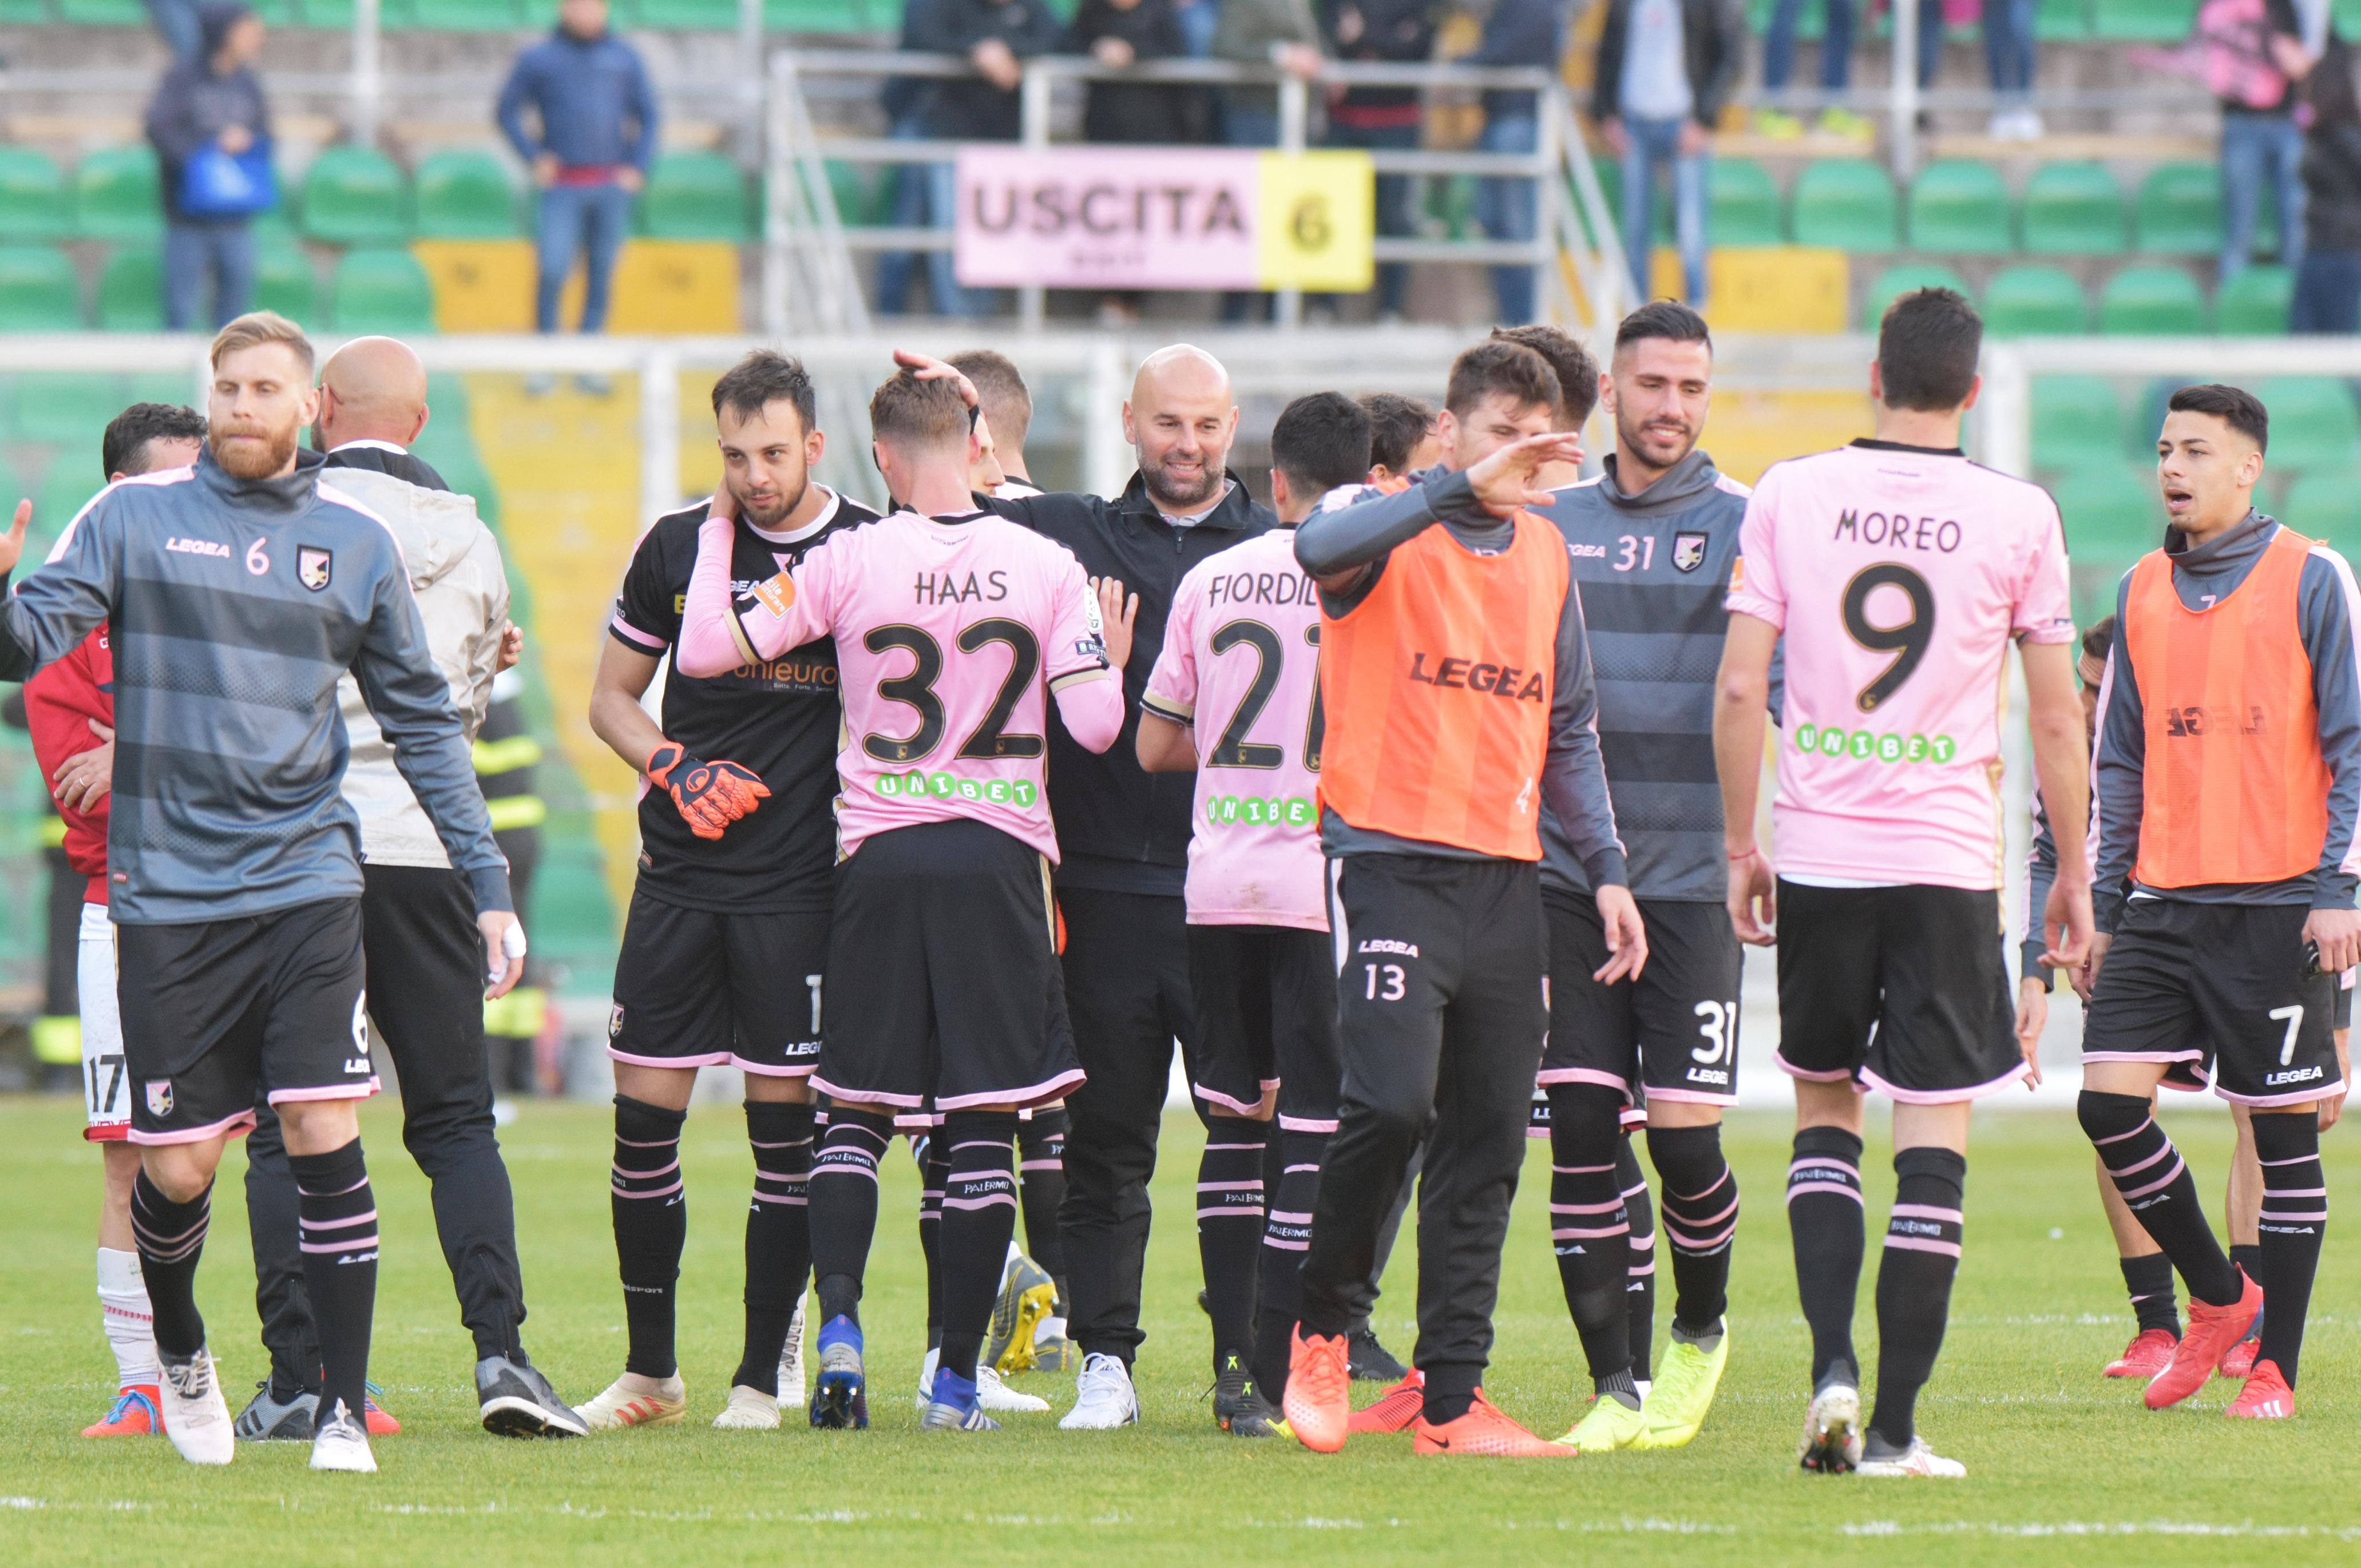 Il Palermo sta arrivando con il fiato corto alla fine della stagione. Il calo dei rosa nel girone di ritorno è evidente e i numeri lo testimoniano: il bilancio delle 11 partite nel 2019 è di 3 vittorie, 4 pareggi e 4 sconfitte; nella classifica parziale dopo il giro di boa gli uomini di Stellone sono al dodicesimo posto. I fattori che hanno influito sul rendimento di Nestorovski e compagni sono molteplici e tra questi c'è la condizione fisica. Già nella passata stagione i rosa di Tedino ebbero un calo dopo la sosta invernale. Nelle prime 11 partite del 2018,